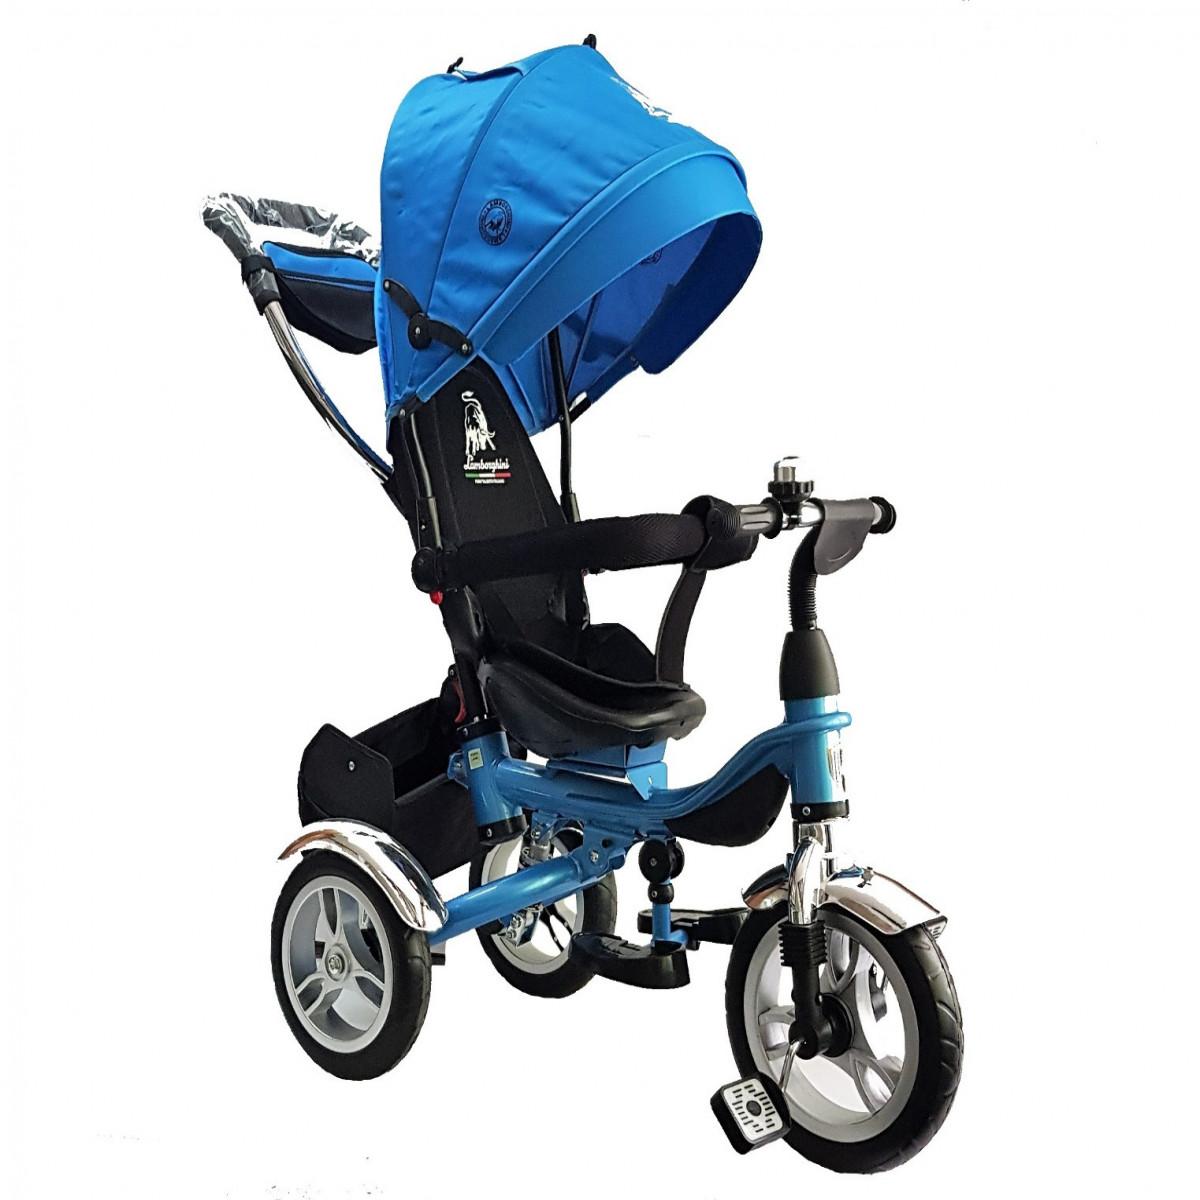 Triciclo 360 con capota Lamborghini azul